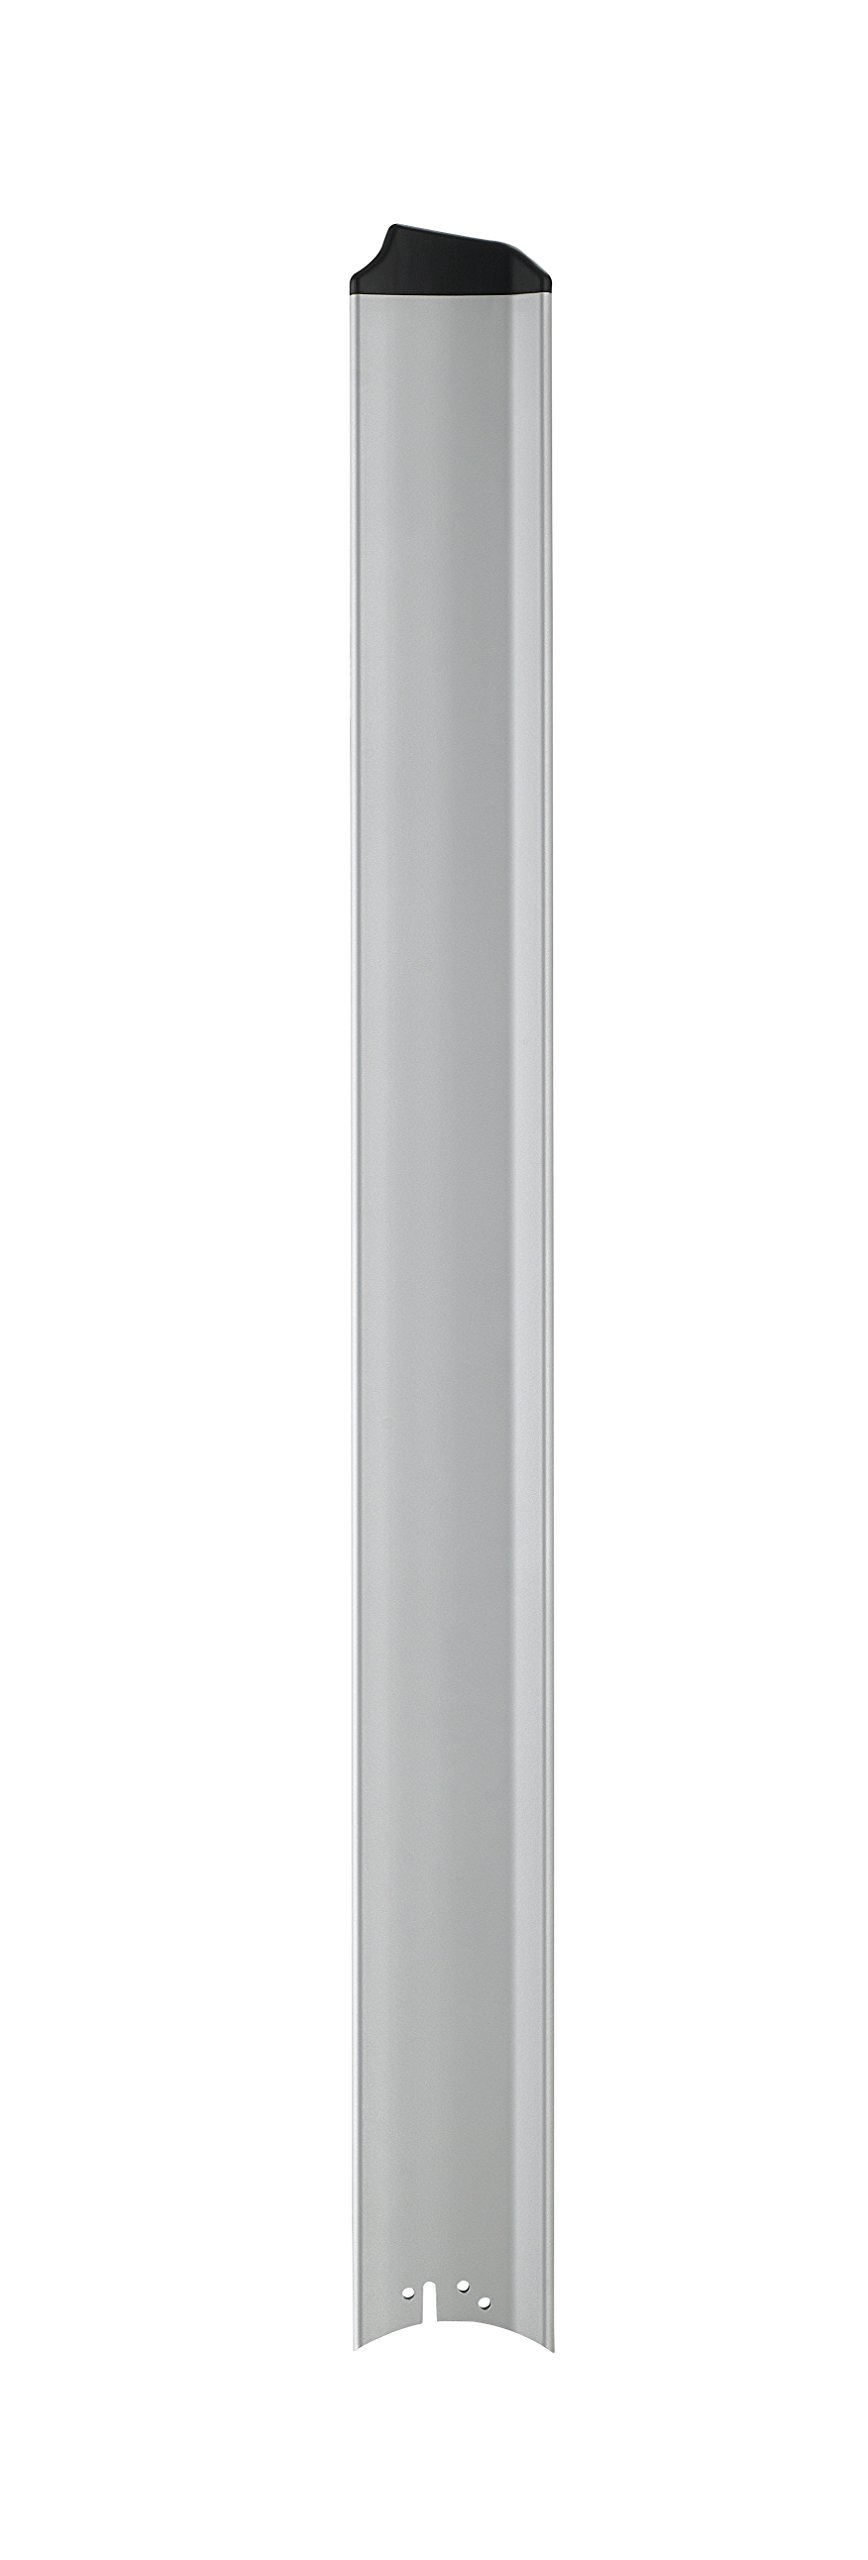 Fanimation B7997-72SLW Fan Blades, Silver with Black Tip